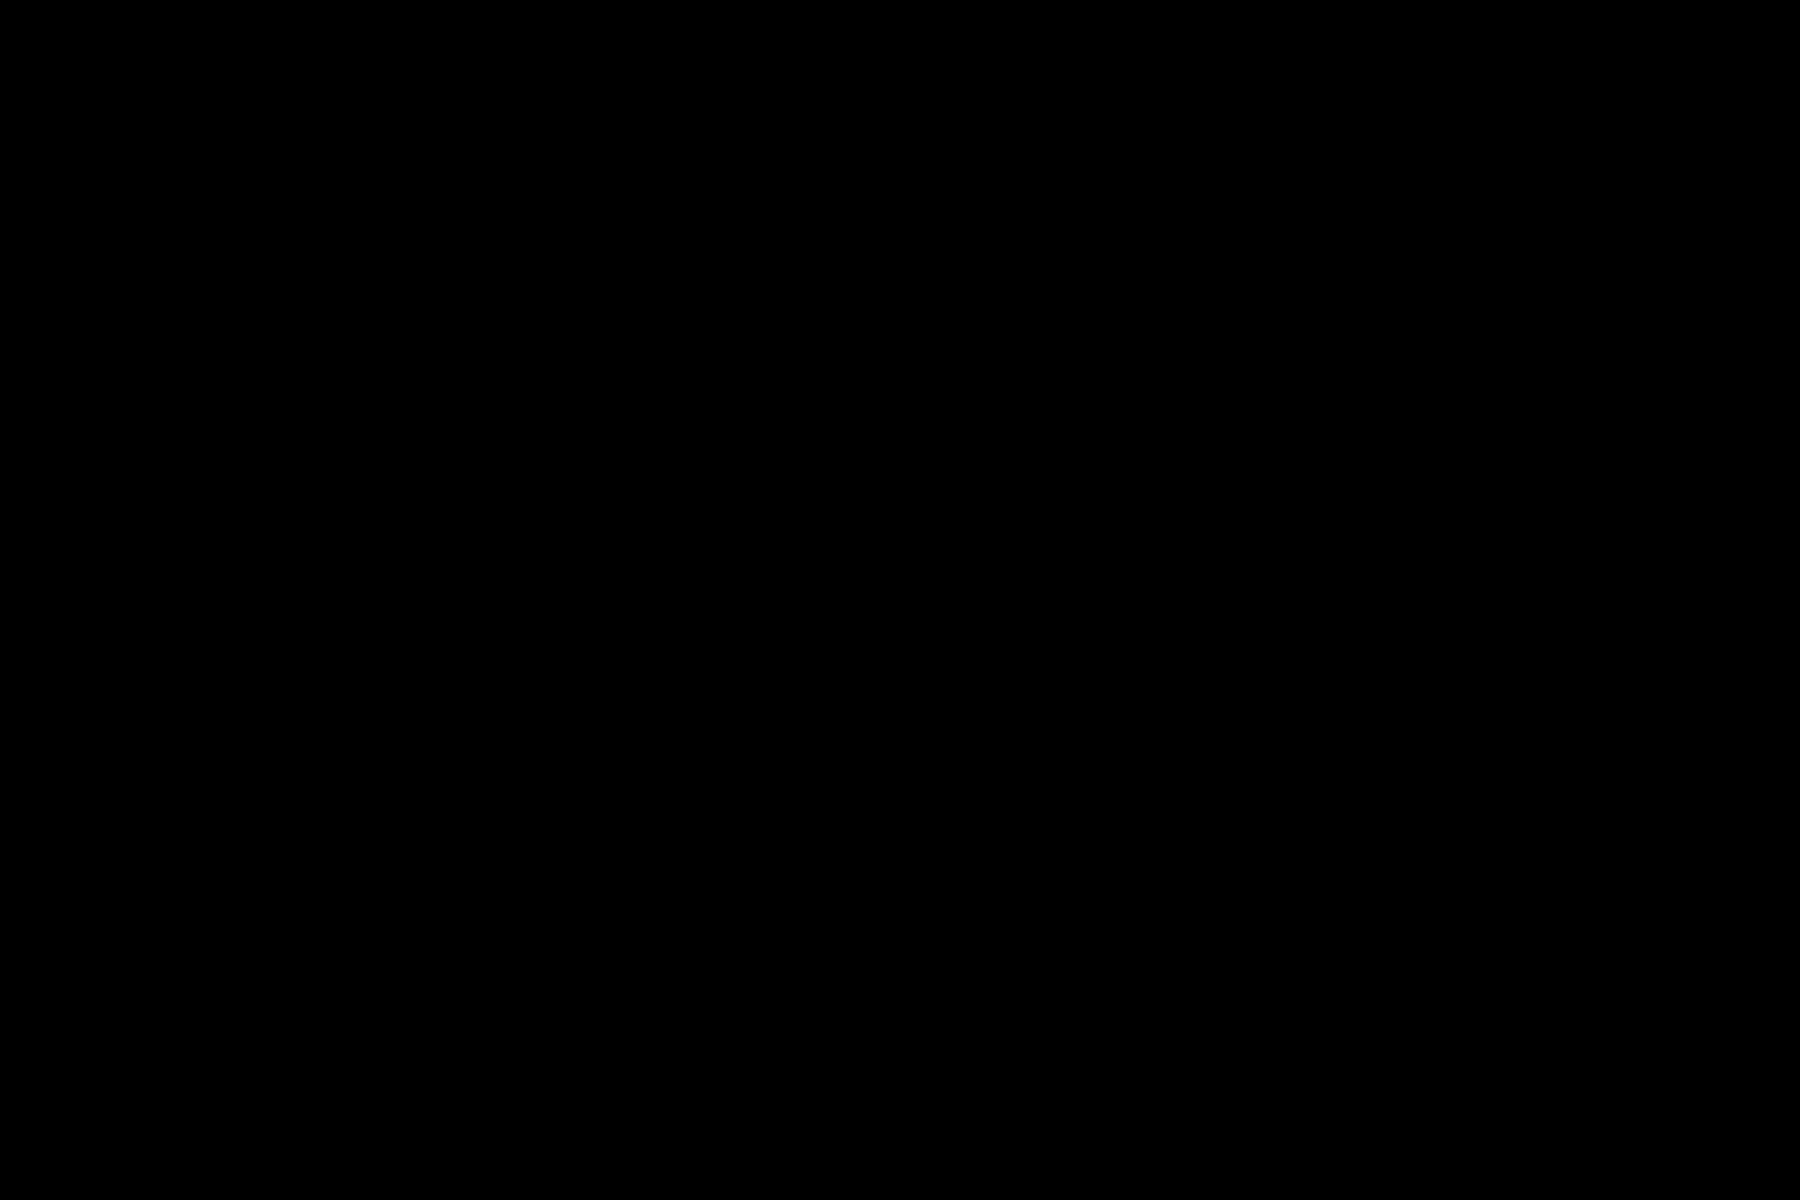 3f6945c3